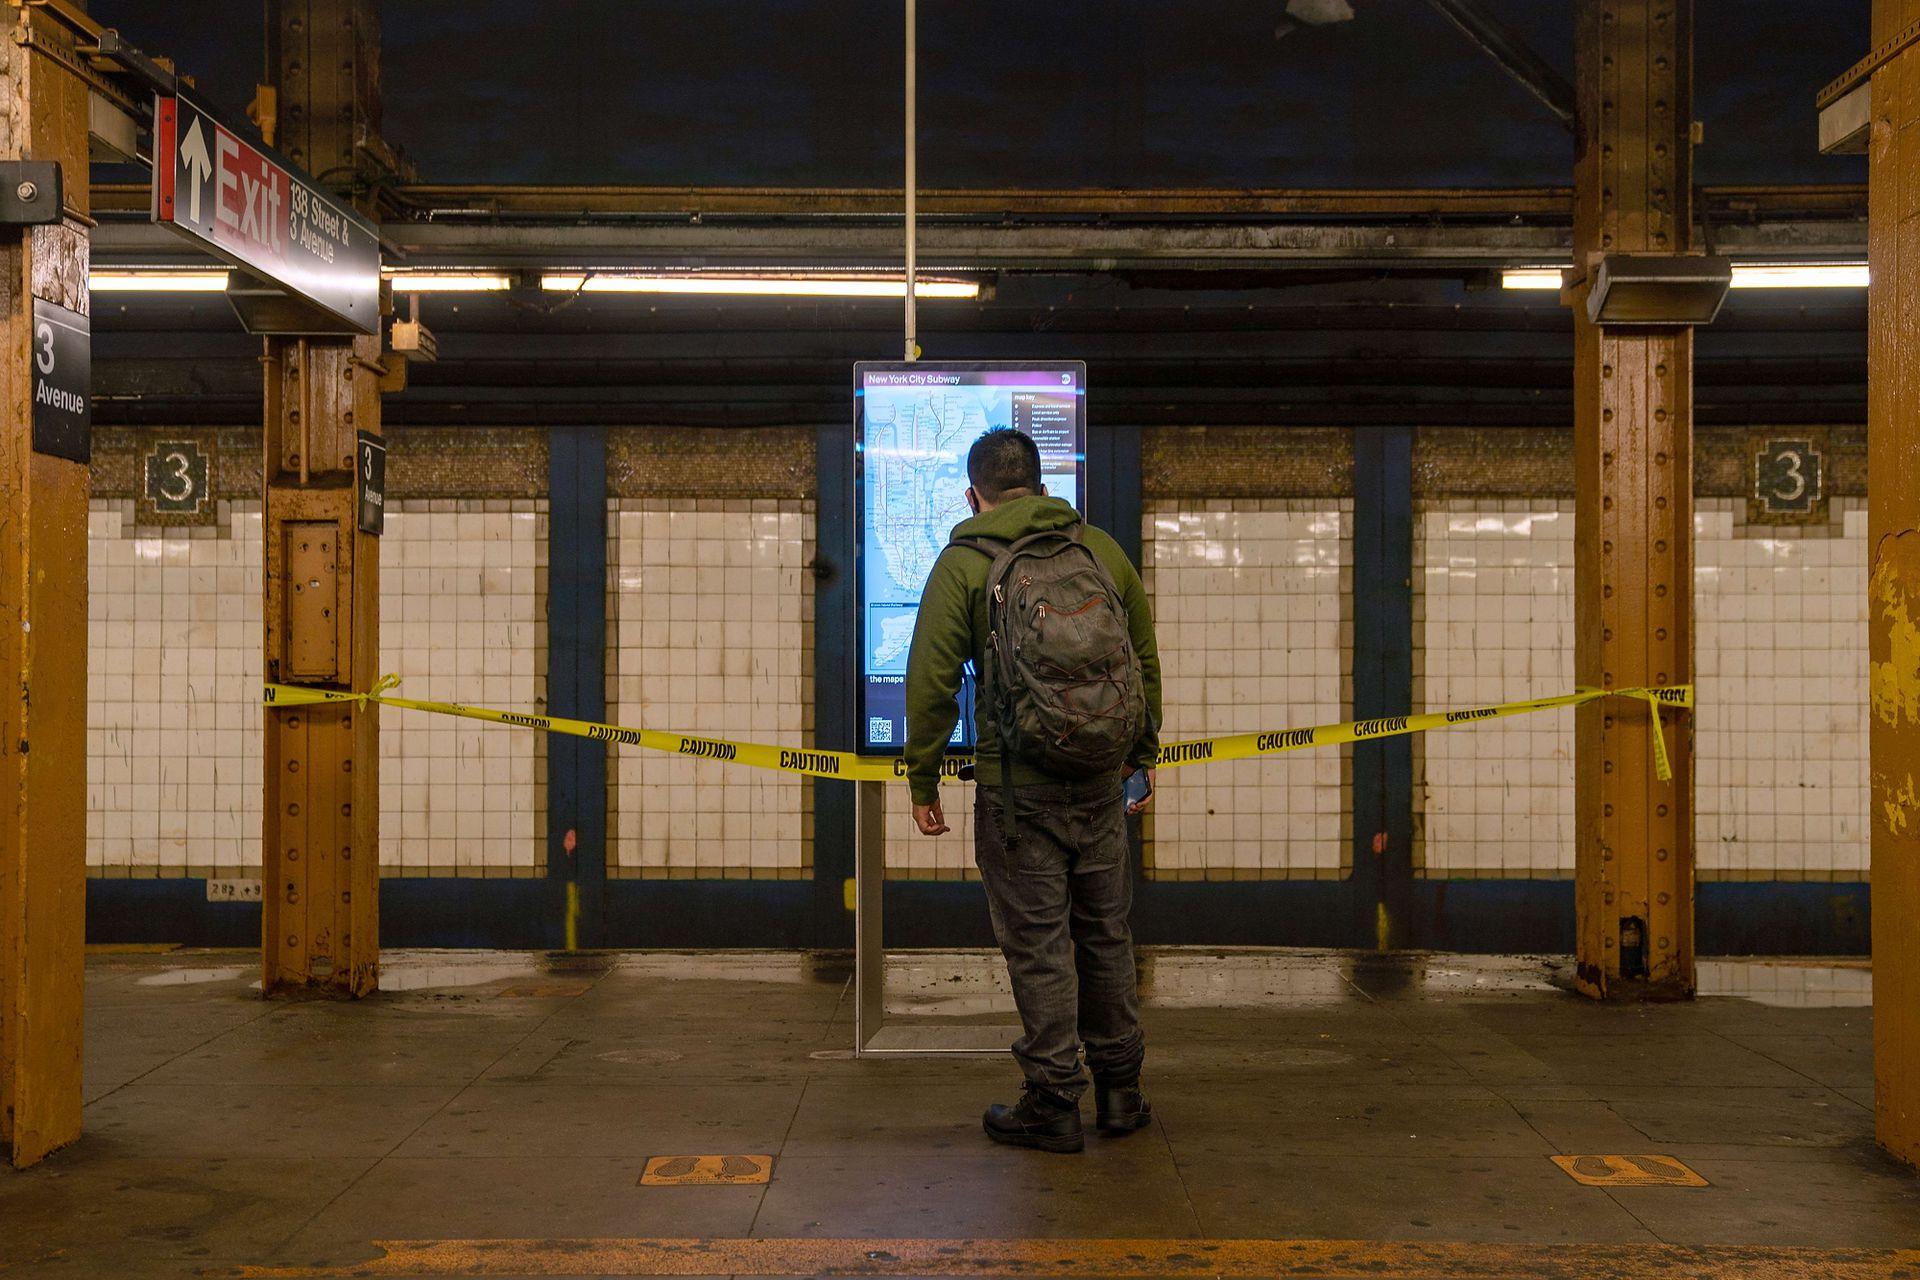 Un hombre llega a una estación de subte y se encuenttra con que el servicio aún sigue interrumpido